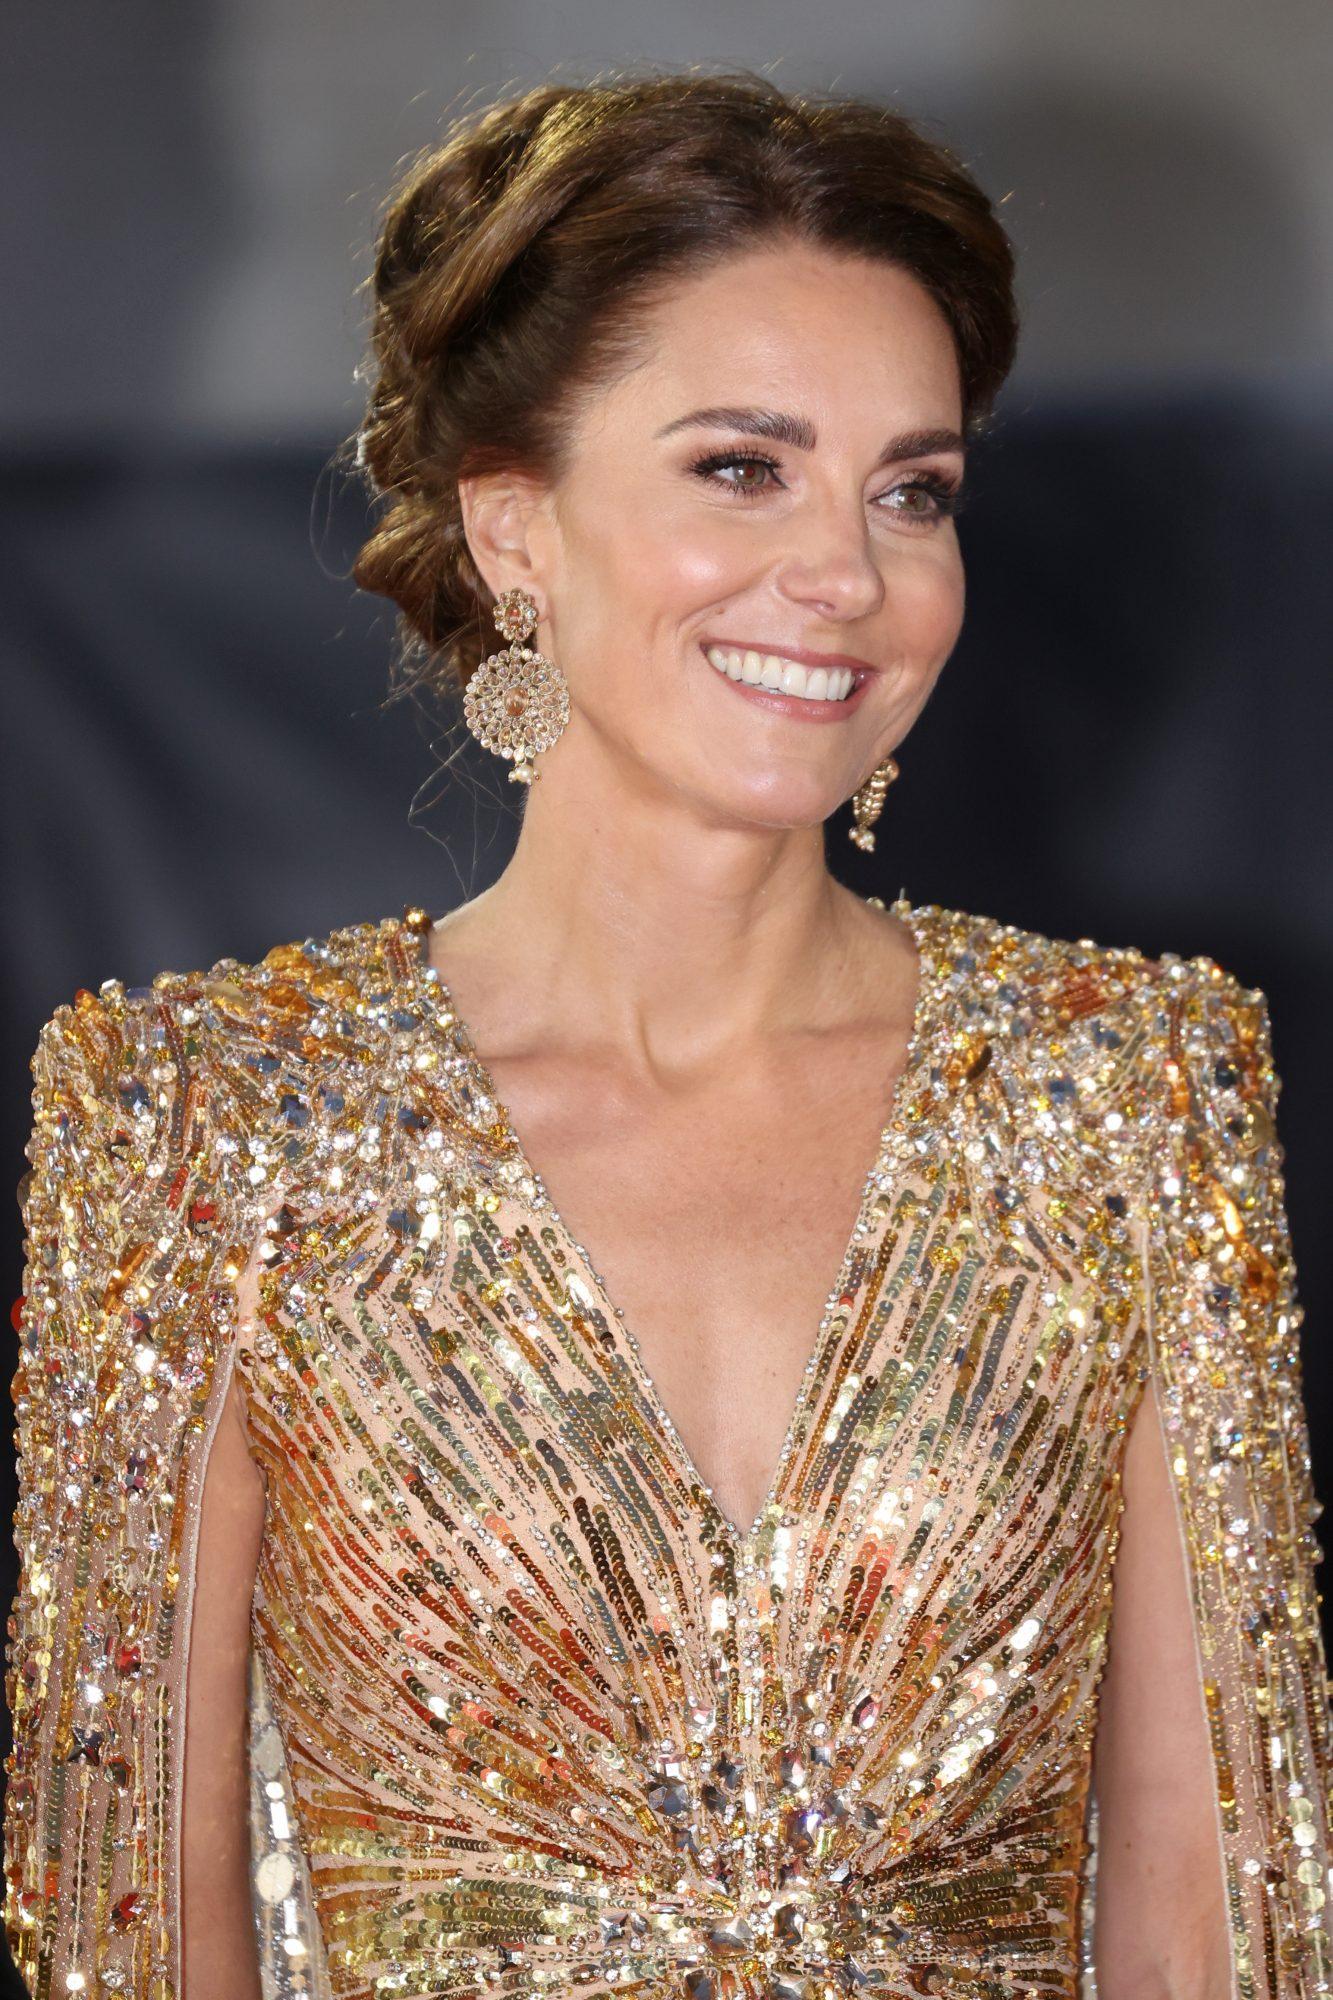 James Bond, No Time to Die estreno, alfombra roja, Kate Middleton